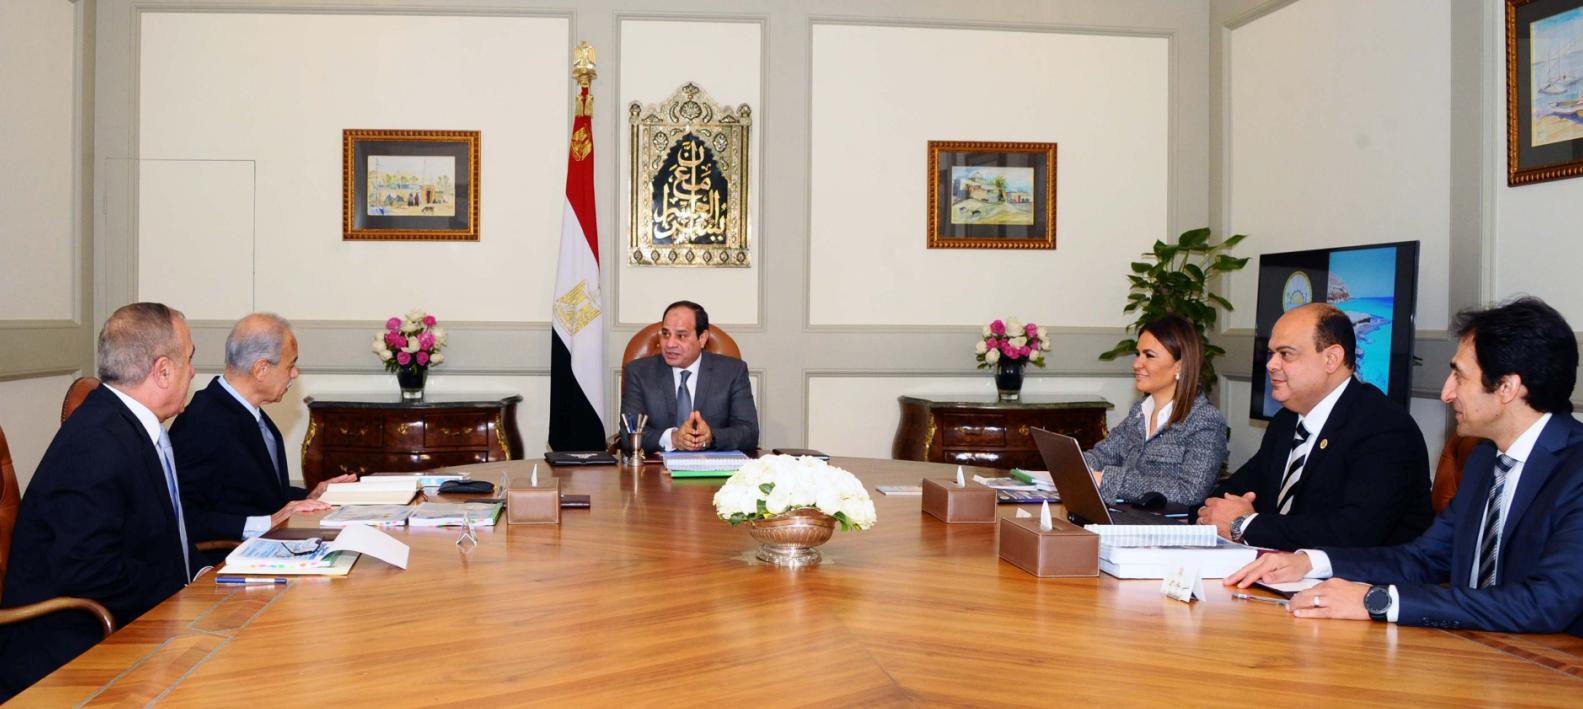 الرئيس المصري  يجتمع مع رئيس مجلس الوزراء ووزيرة الاستثمار ووزير التنمية المحلية ومحافظ مطروح